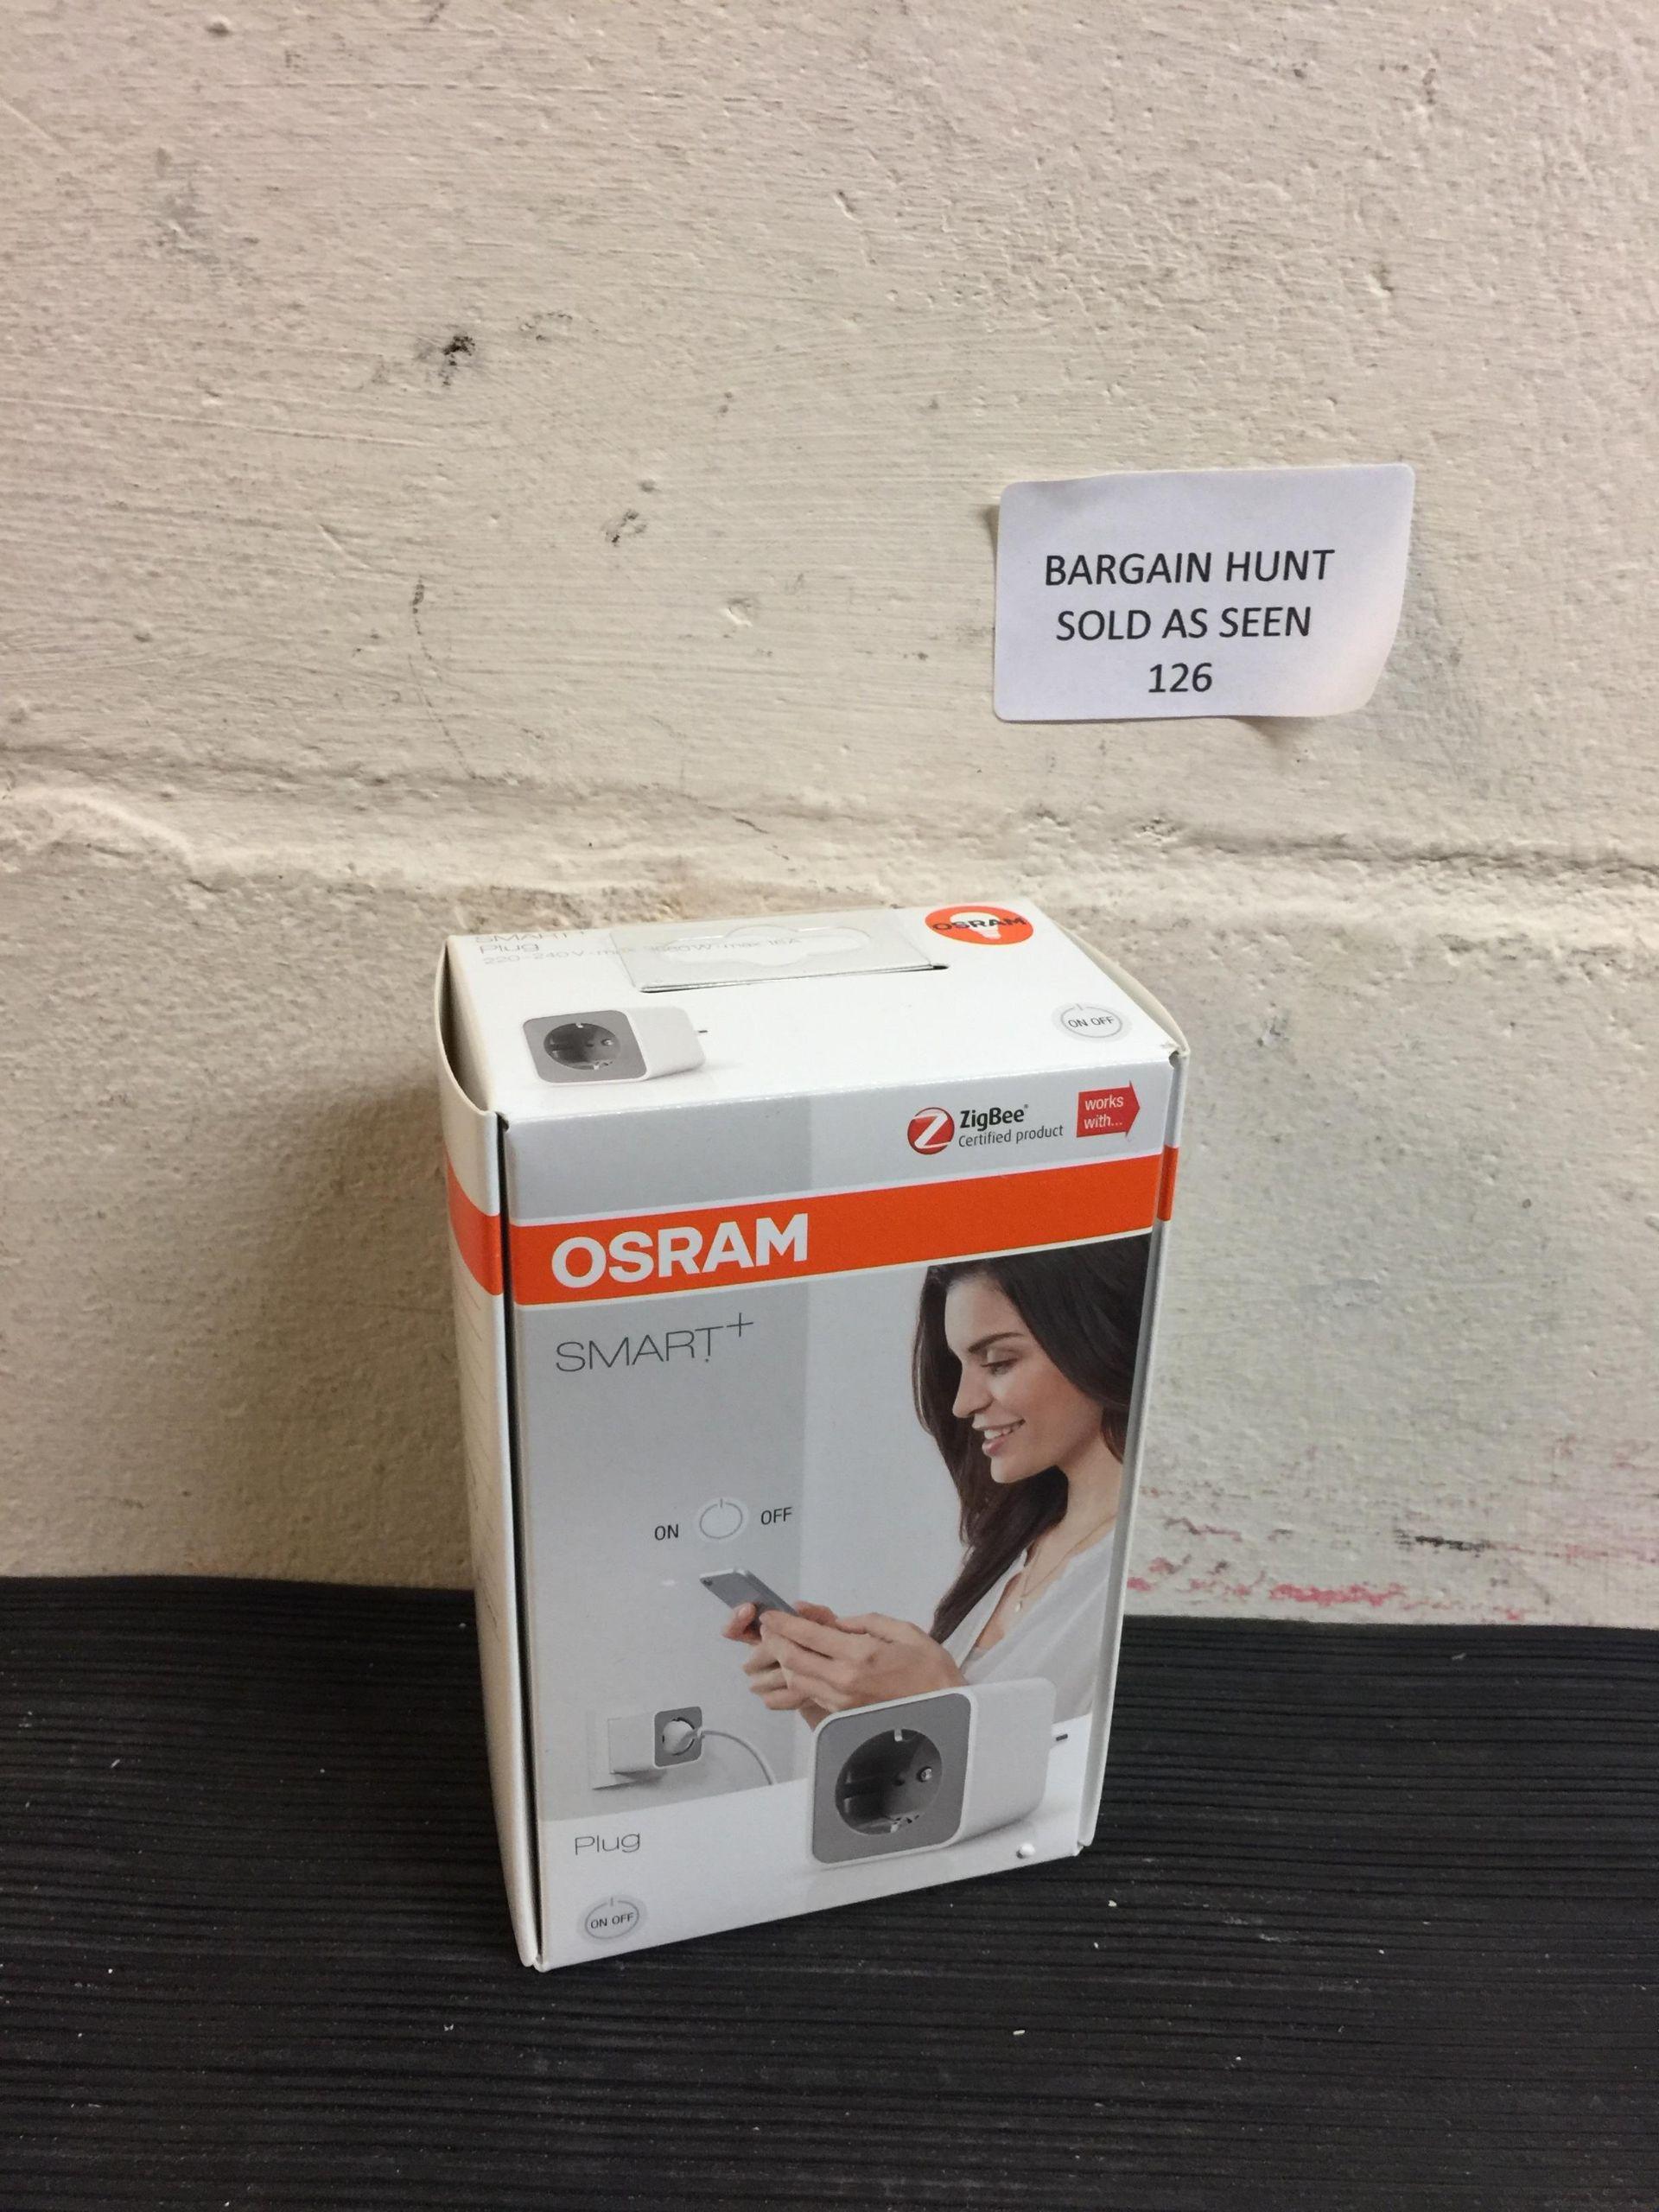 Lot 126 - Osram Smart+ EU Plug